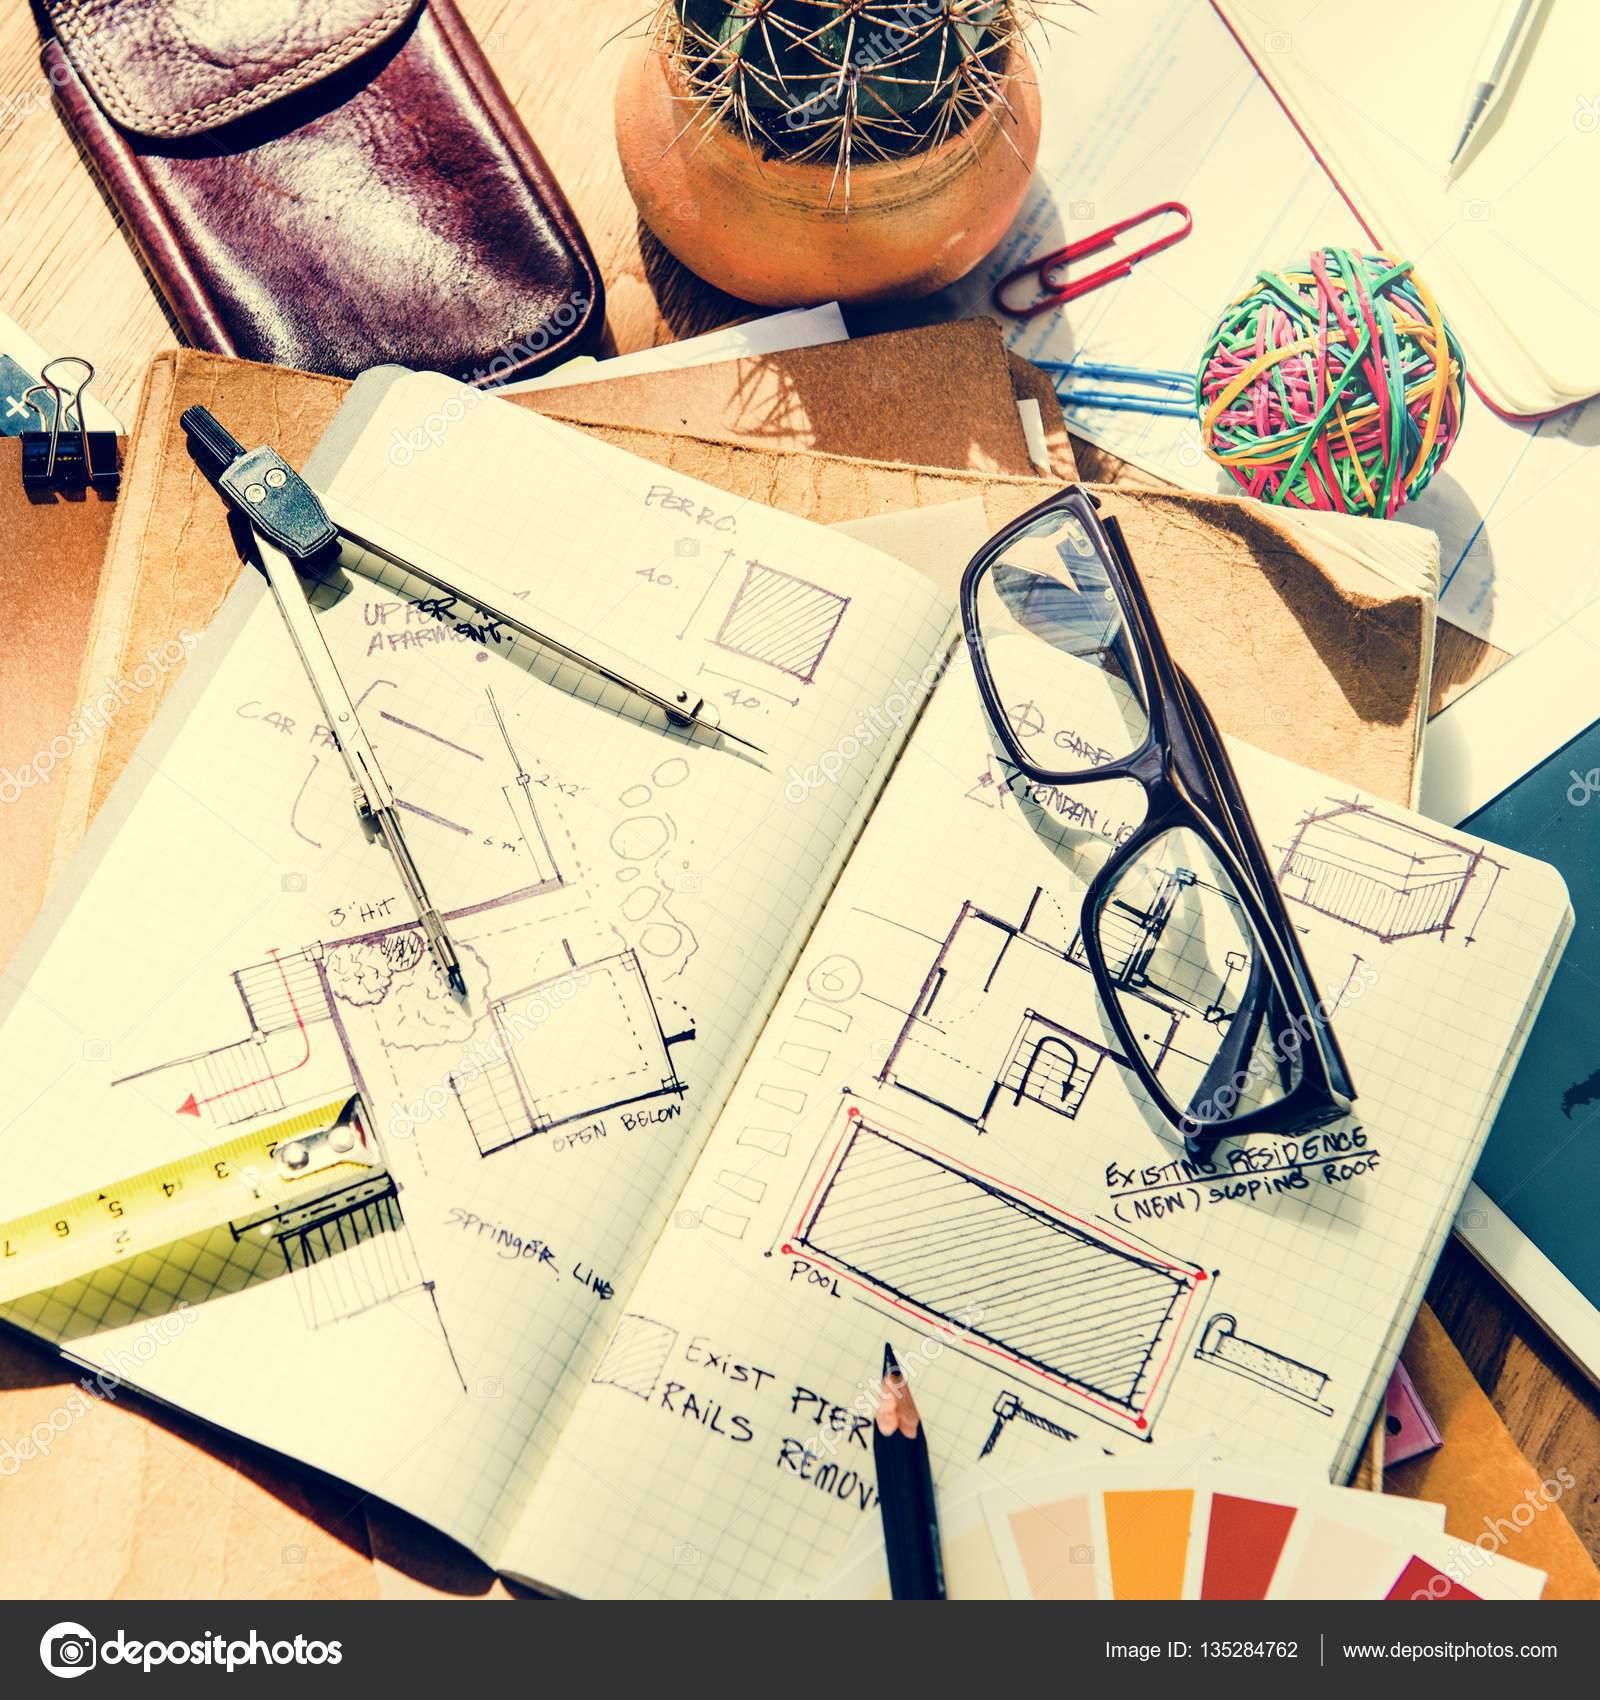 Good Architektur Blaupause Und Office Tools Auf Tisch Mit Kaffee Tasse,  Einrichtungskonzept, Original Fotoset U2014 Foto Von Rawpixel